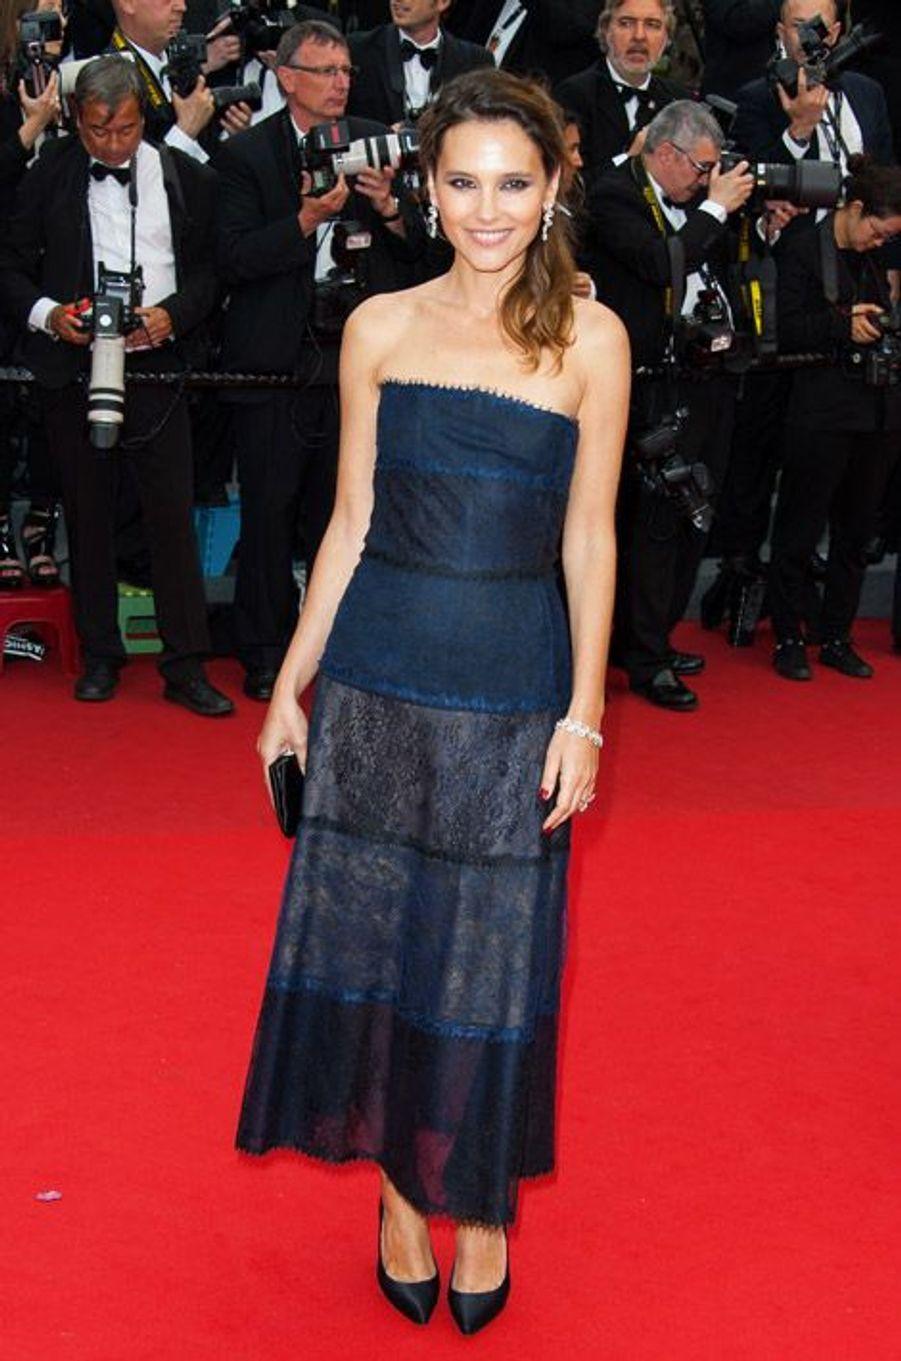 En robe bustier et dentelle à Cannes pour le festival, en 2013